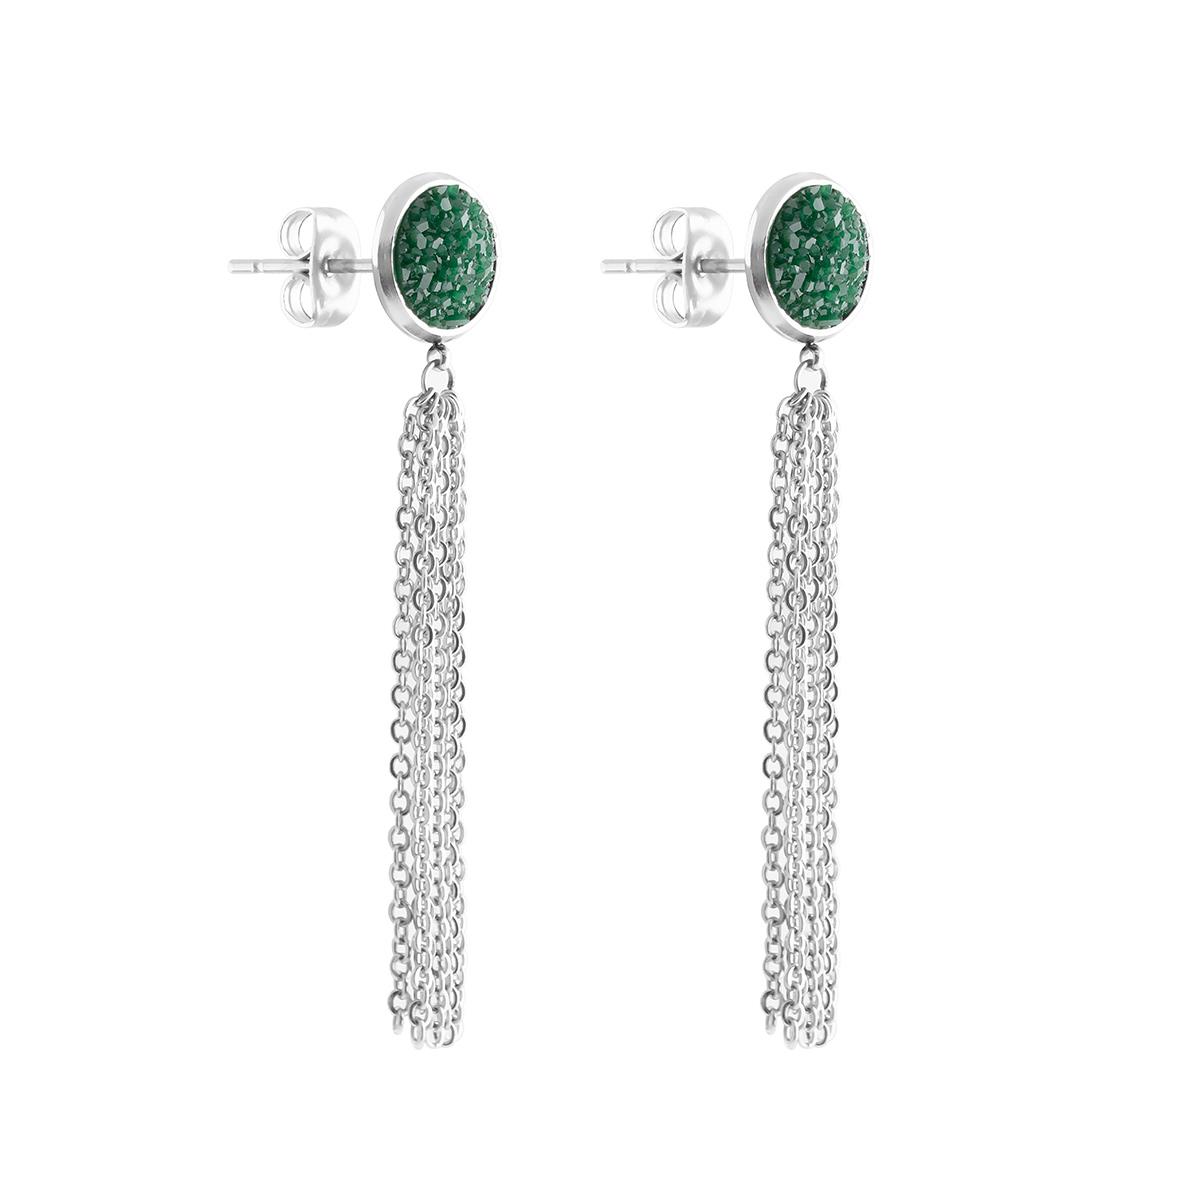 Binx_earrings1